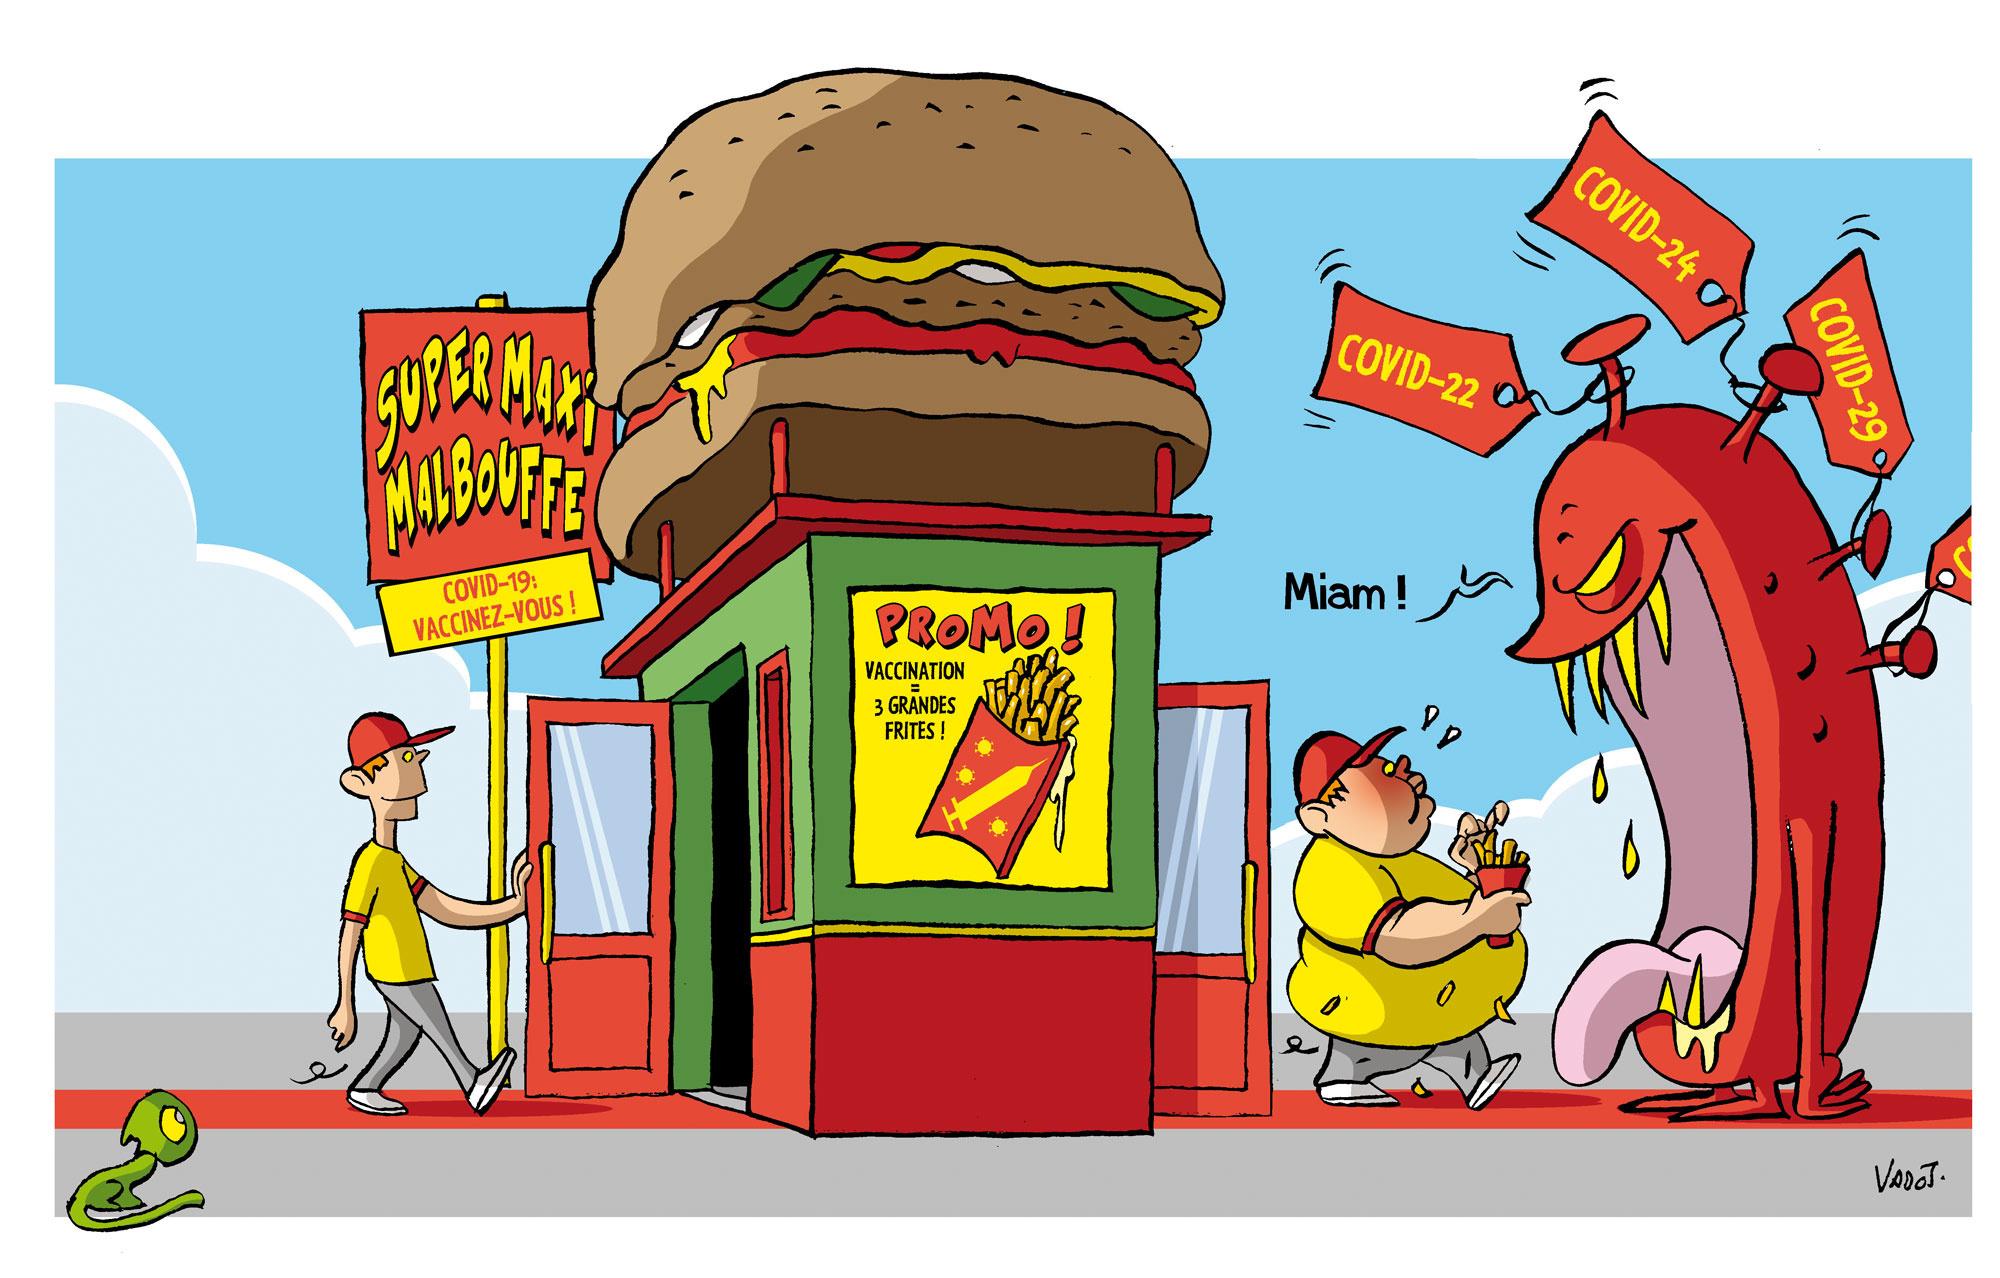 Plusieurs chaînes de fast-food américaines font des promotions pour les gens vaccinés contre le coronavirus, alors que l'obésité est l'une des principales causes de comorbidités liées à la maladie., Vadot